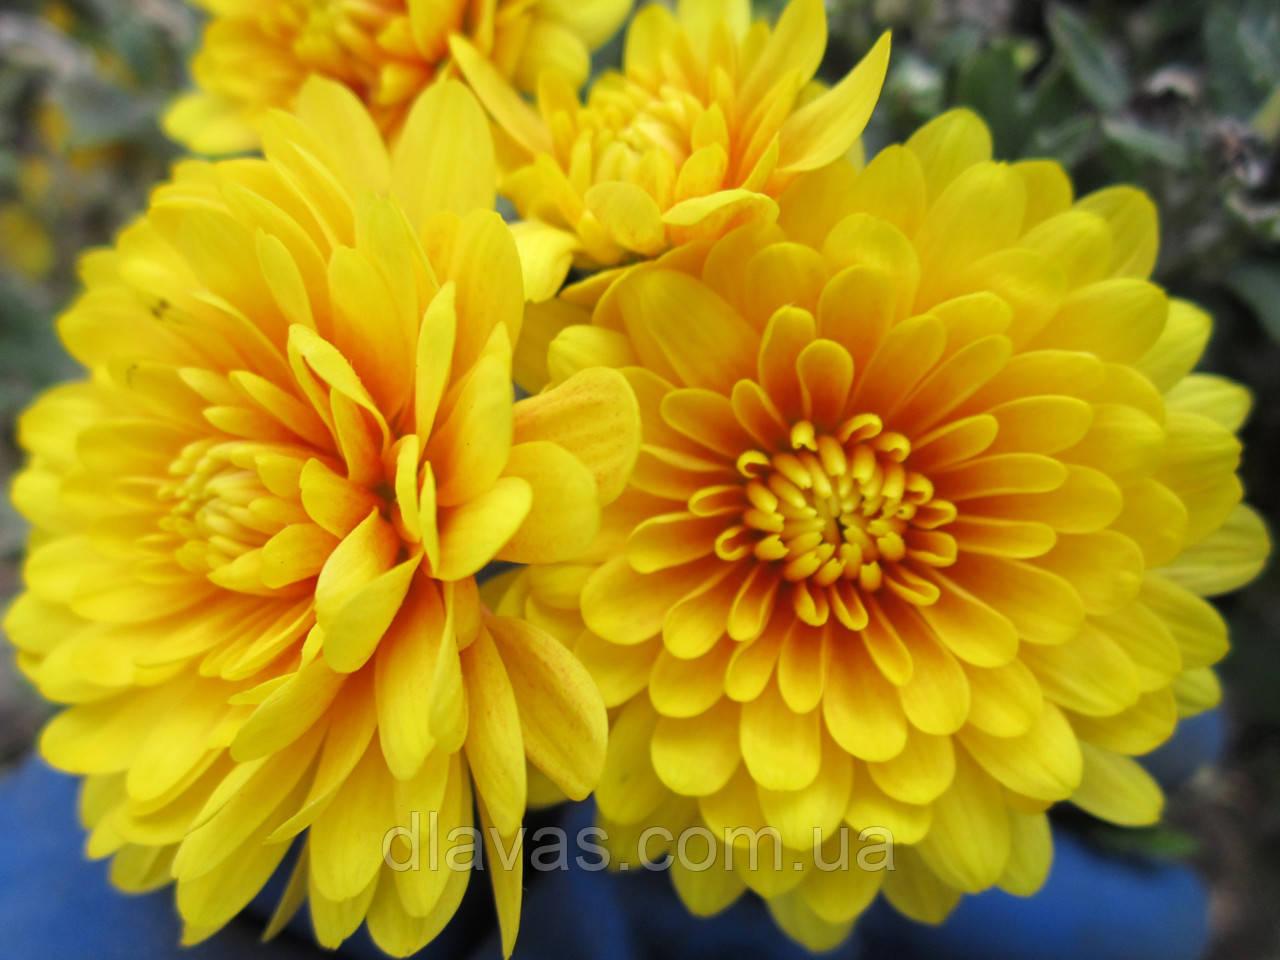 Хризантема мультифлора ярко желтая